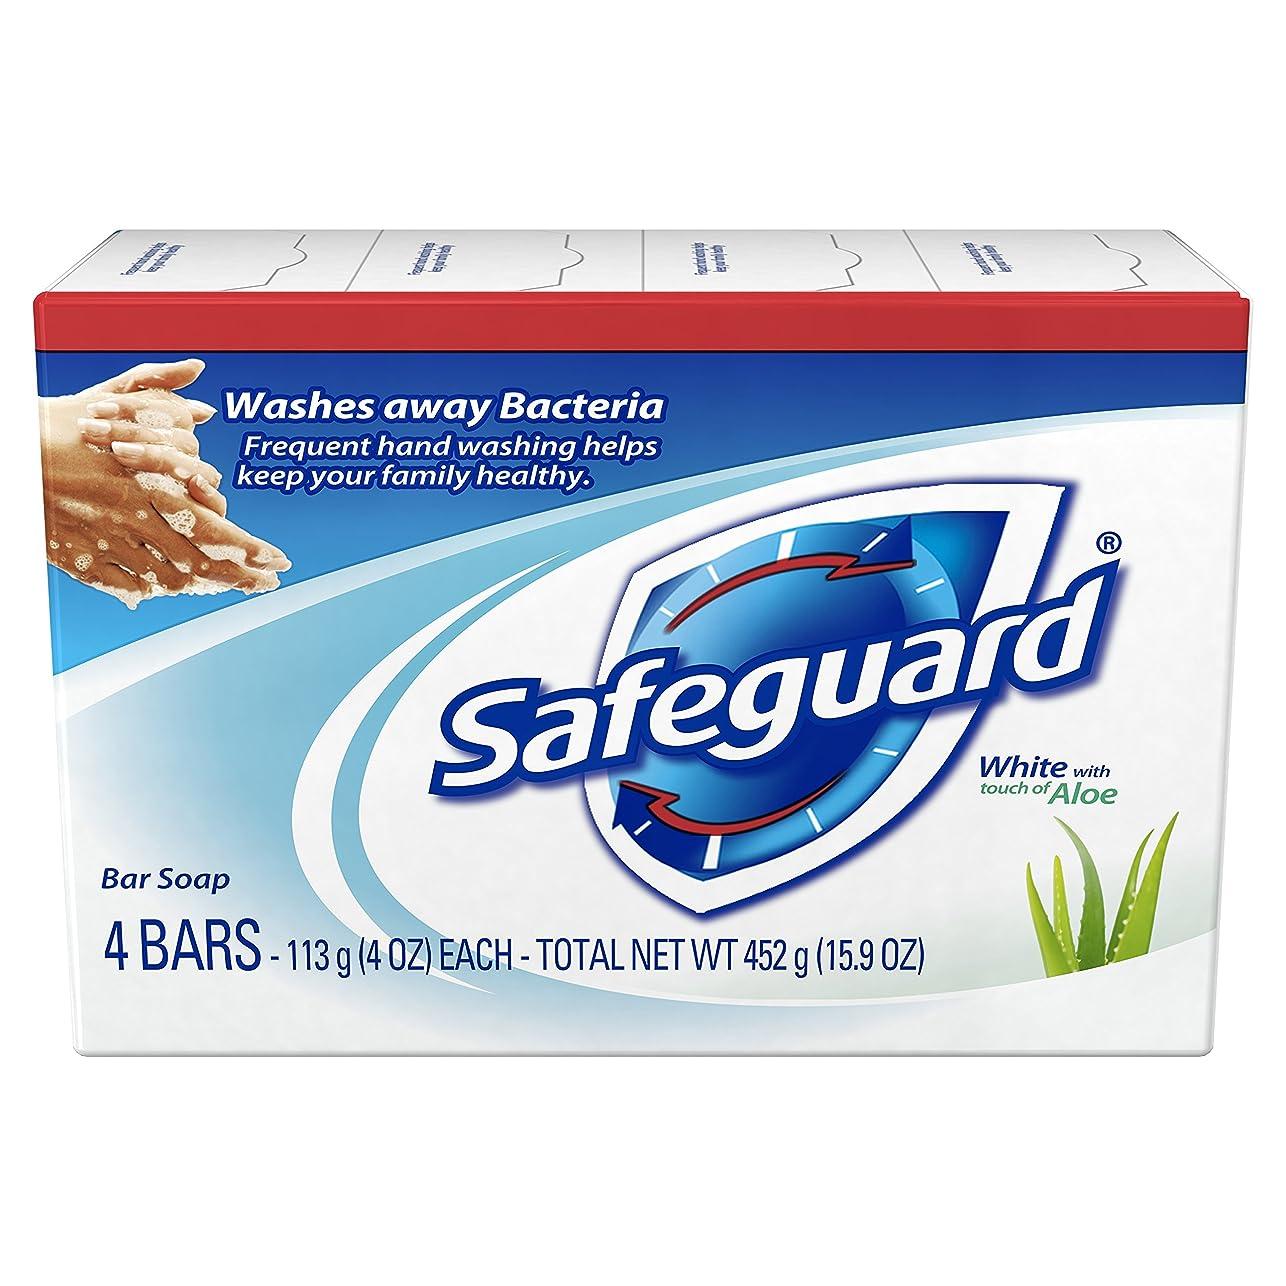 誰か日記スケッチSafeguard アロエ4オズバー、4EA(5パック)で抗菌消臭石鹸ホワイト 5パック